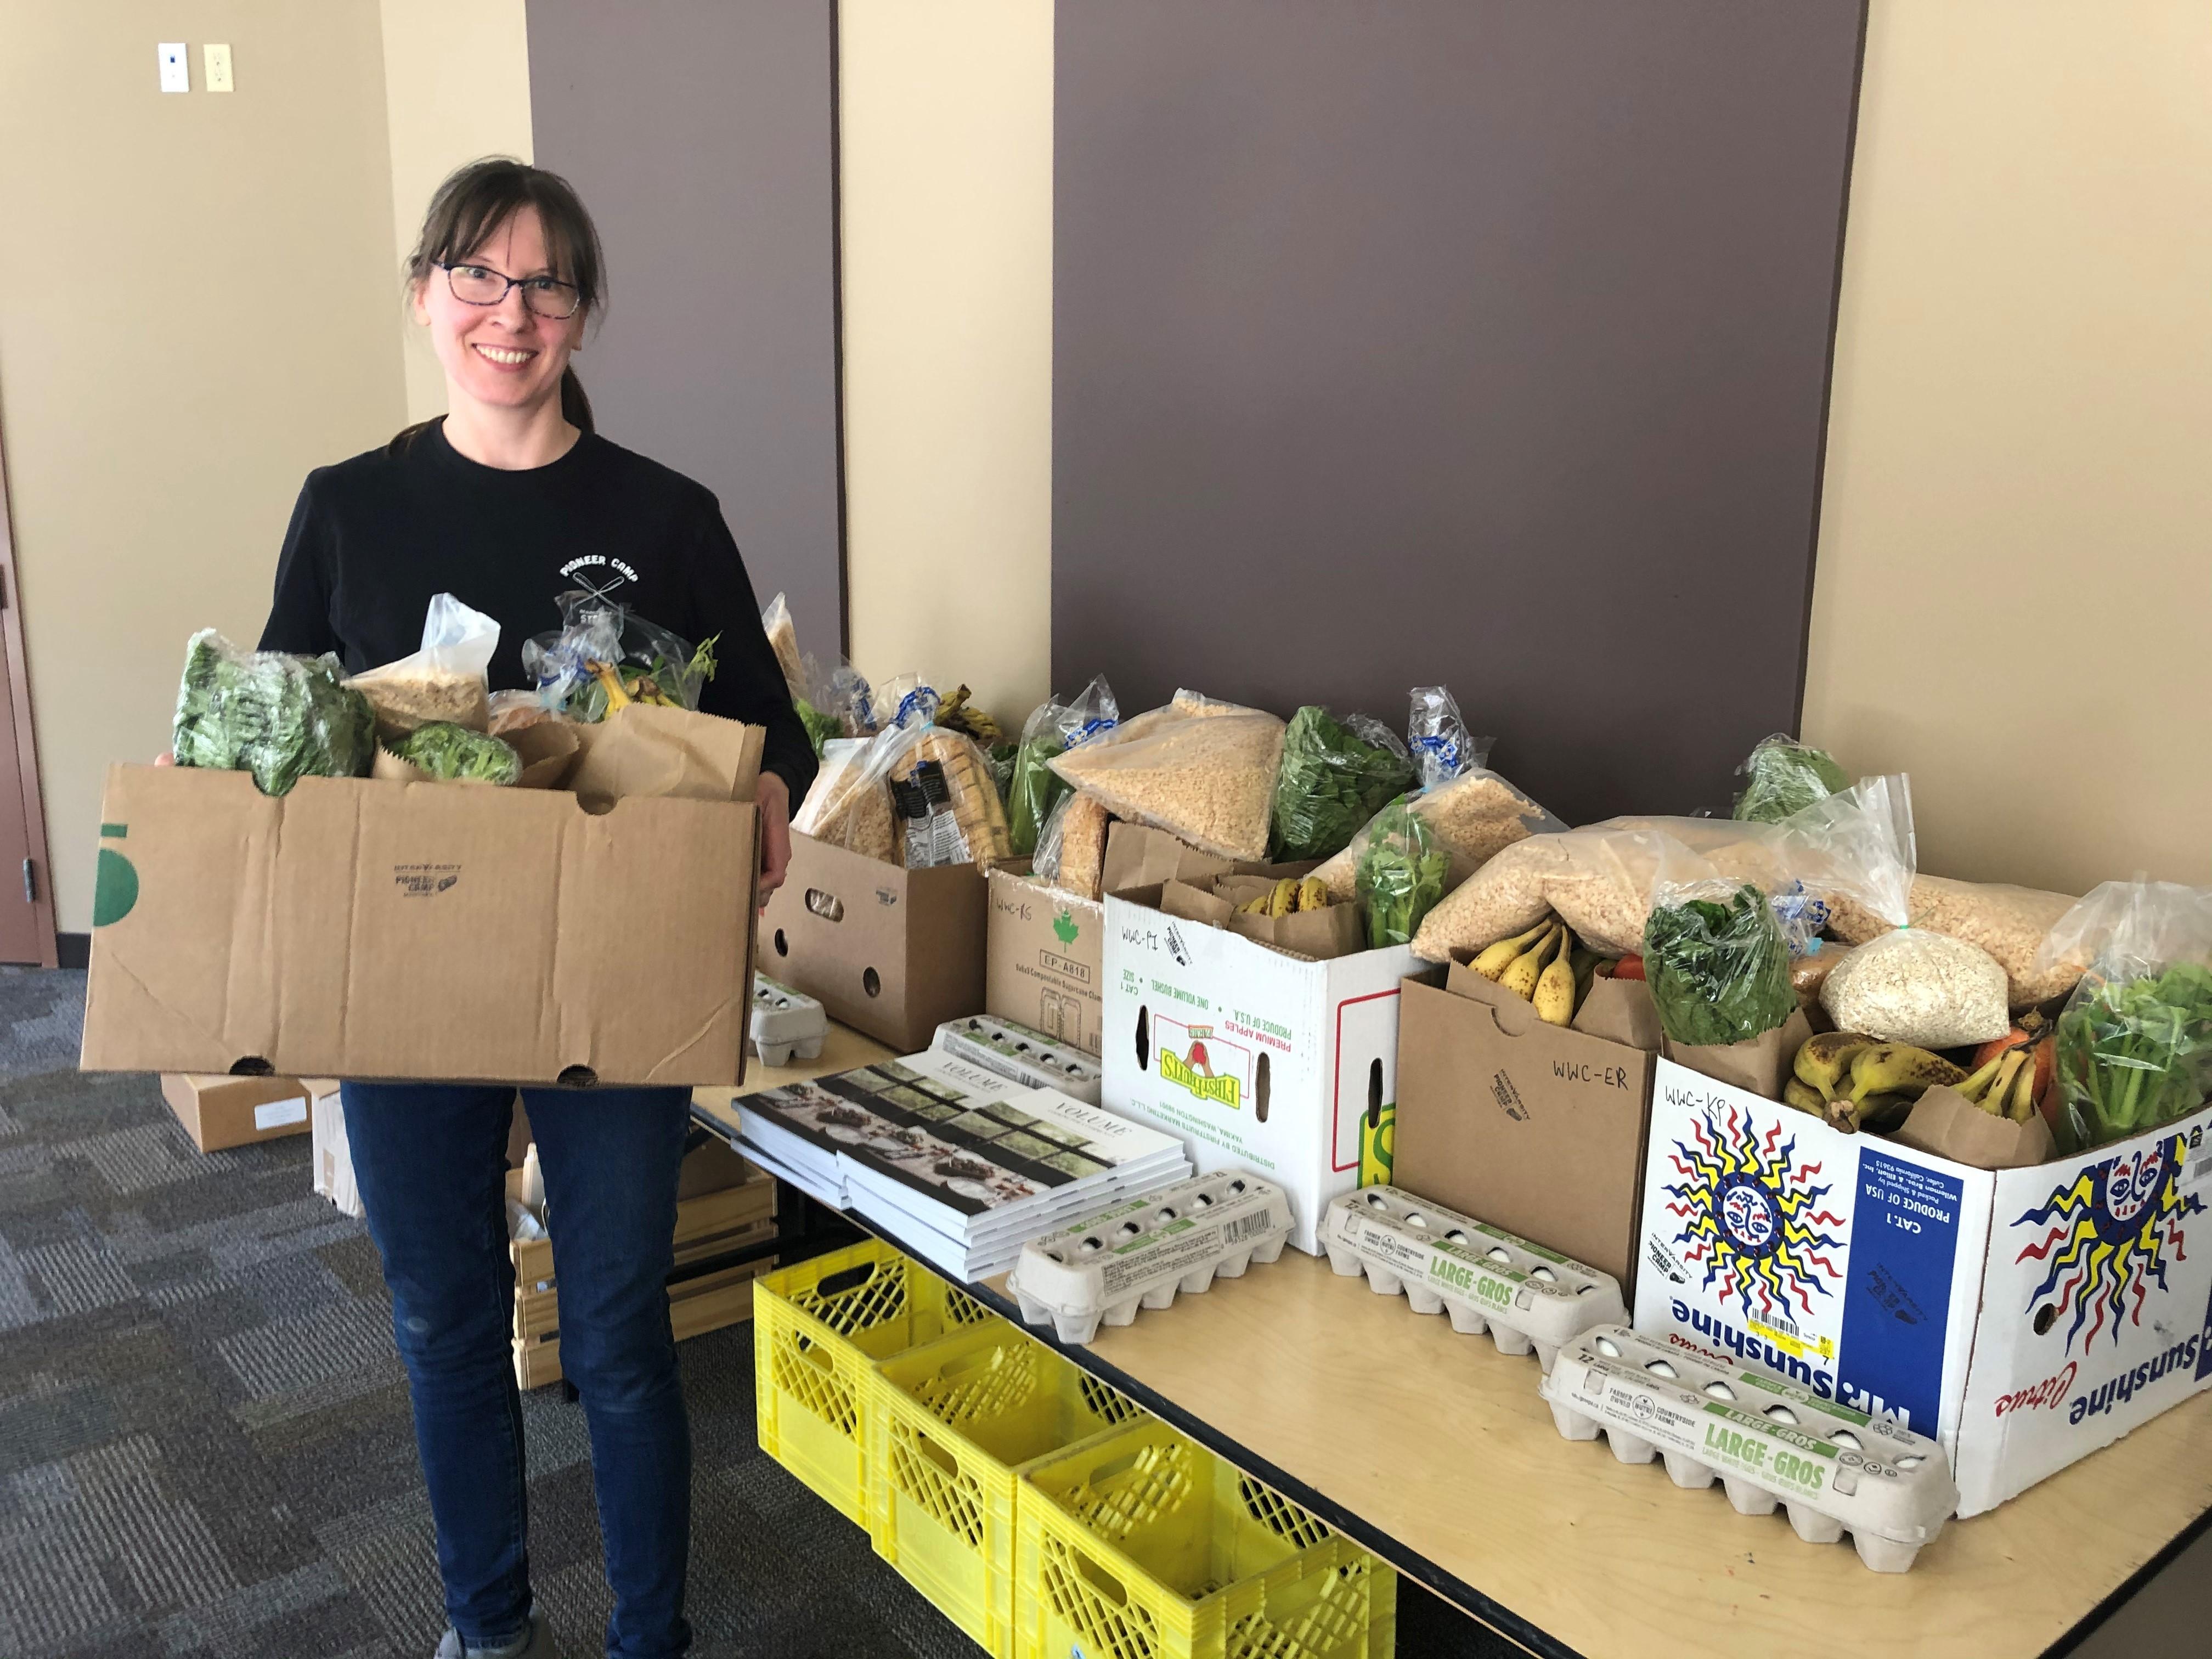 A volunteer at InterVarsity Pioneer Camp in Winnipeg, MB preparing rescued food for redistribution.